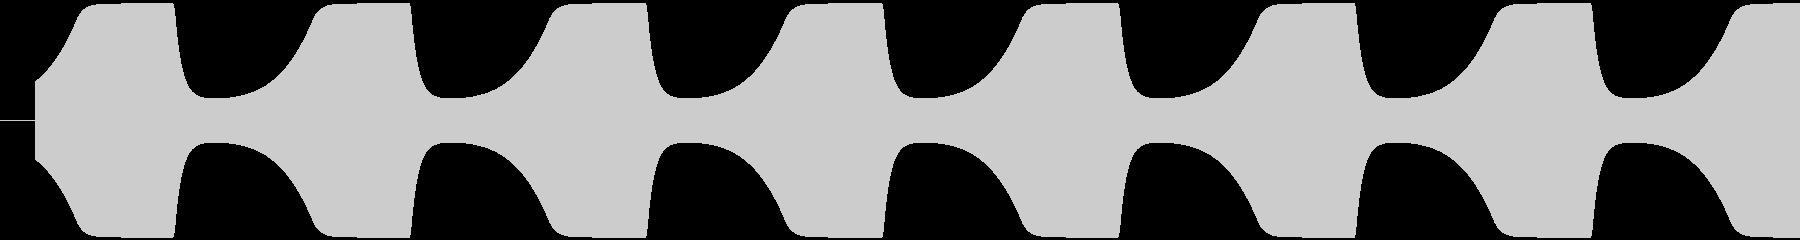 ゲームテキスト効果音A-2(短い)の未再生の波形